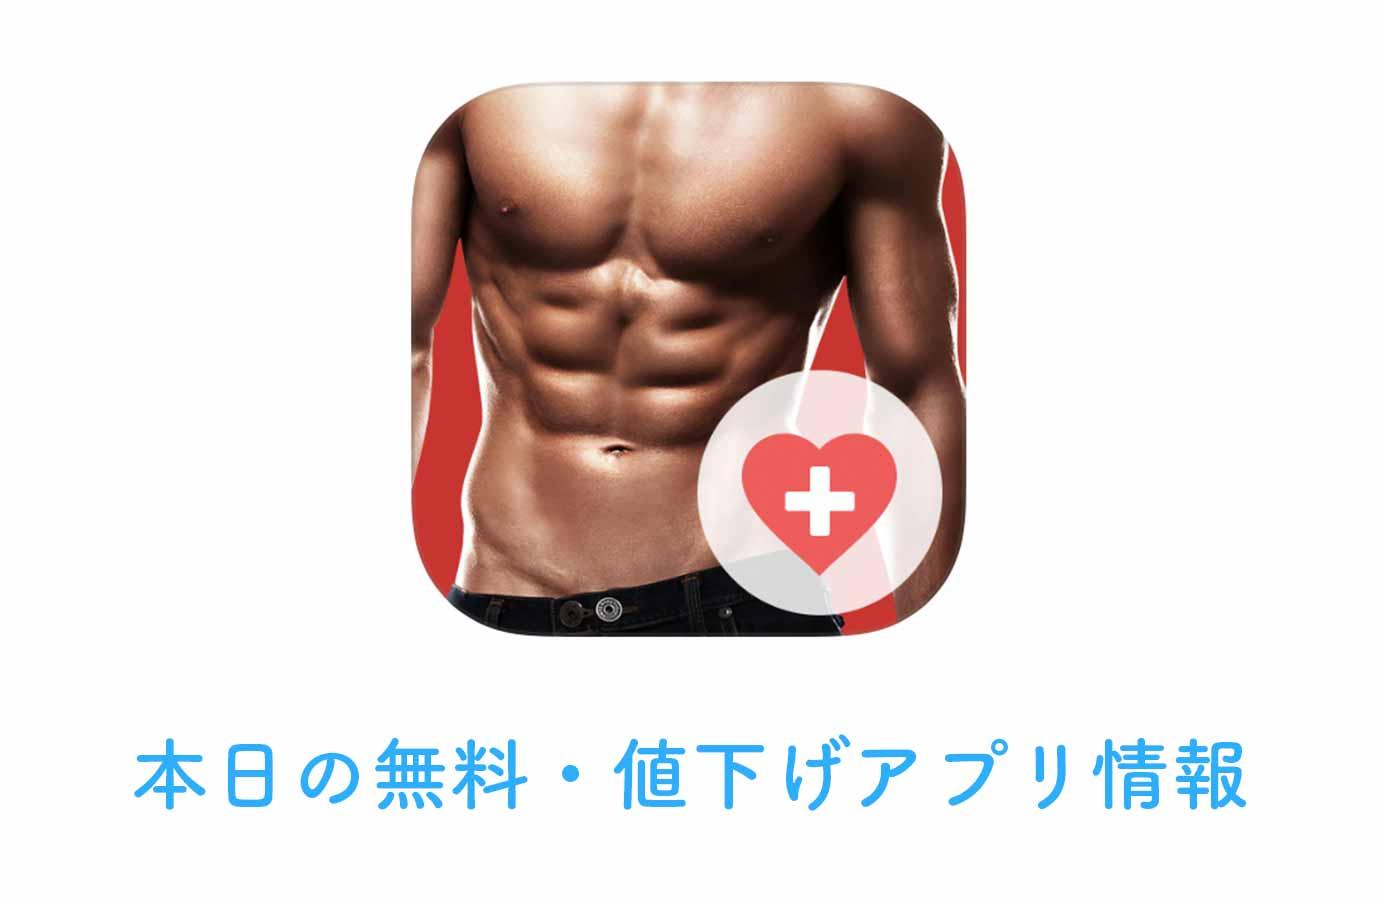 360円→無料!本格的な筋トレアプリ「Fitness and Bodybuilding」など【1/29】本日の無料・値下げアプリ情報